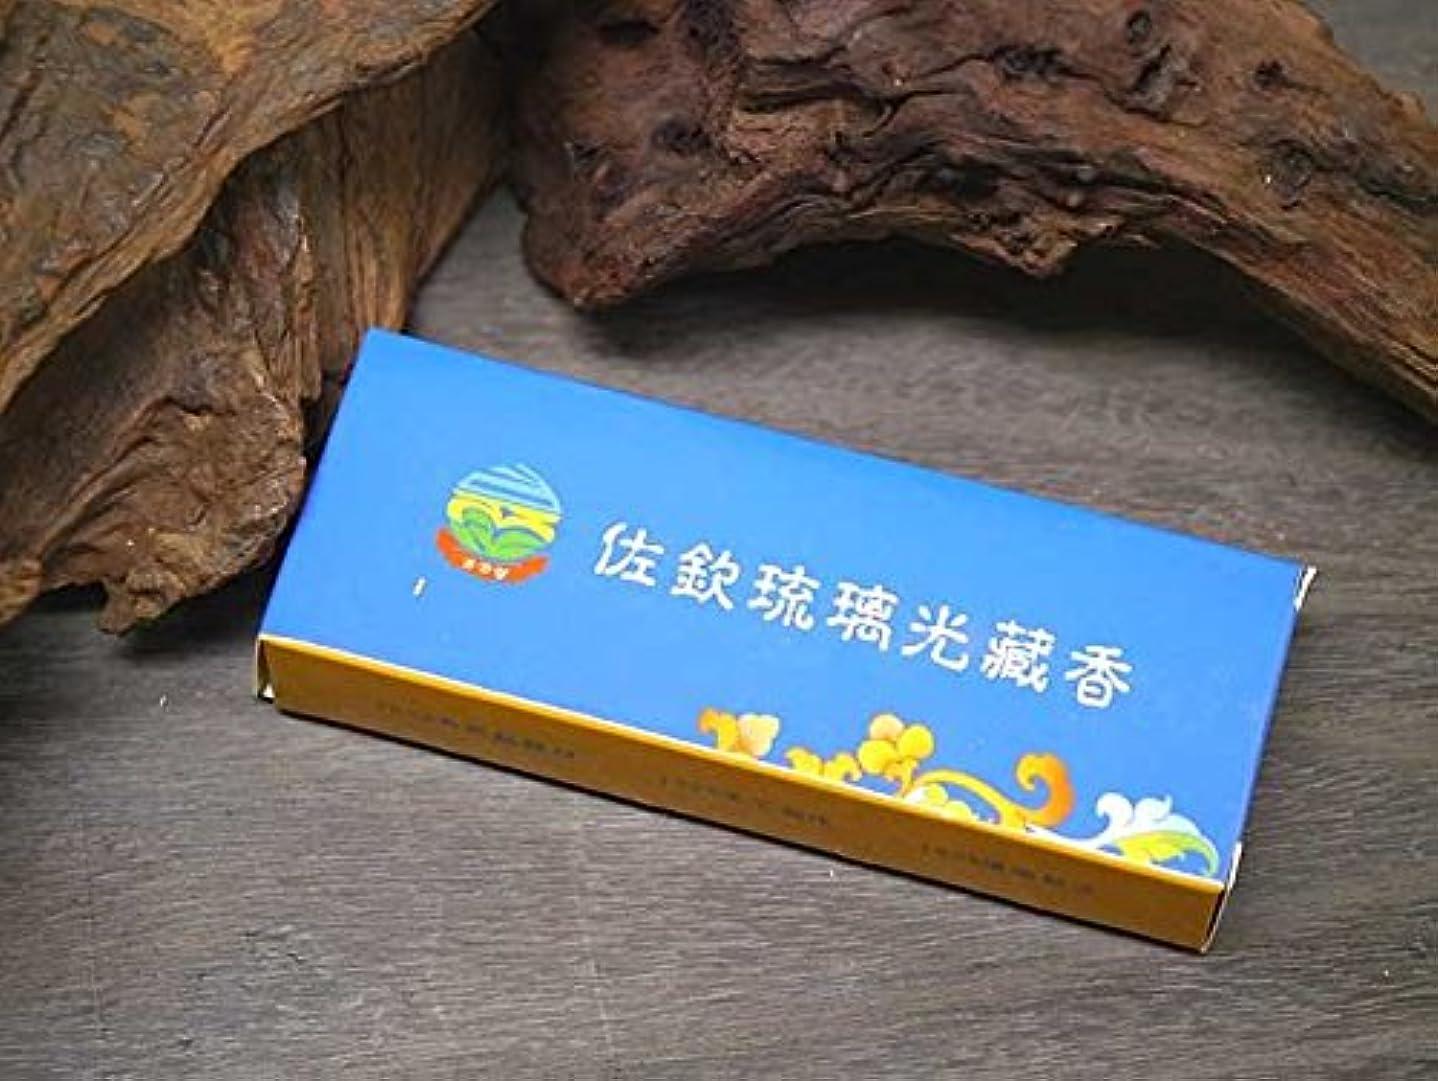 貴重なわずかな空洞中国香 甘孜チベット自治州にある慈善医院のお香【佐欽琉璃光蔵香】